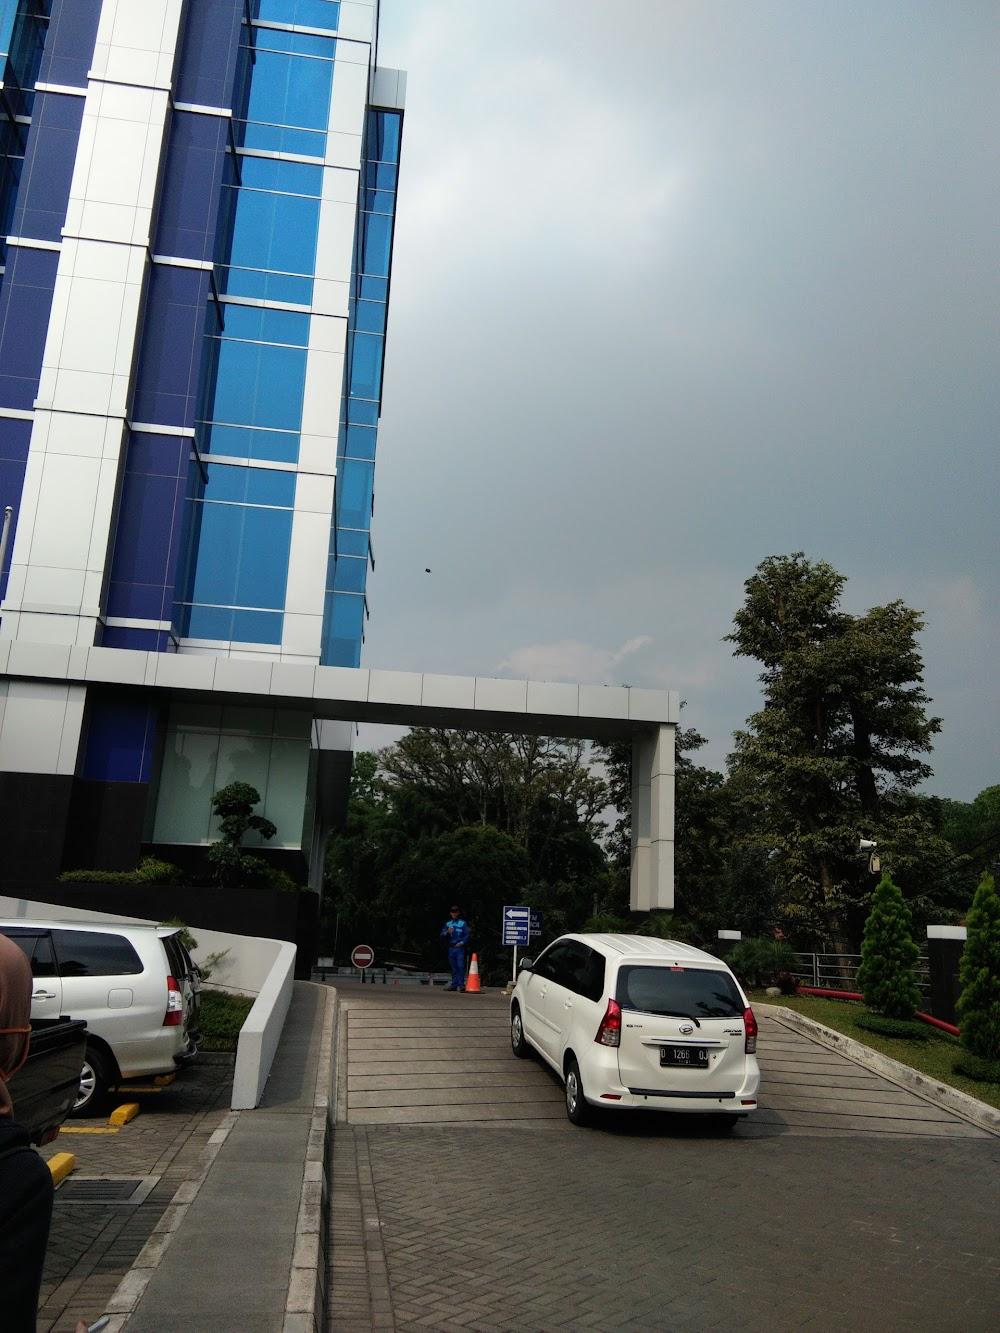 Bank Bca Kcu Bandung Jalan Asia Afrika No 122 124 Kebon Pisang Lengkong Paledang Lengkong Kota Bandung Jawa Barat 40261 Indonesia